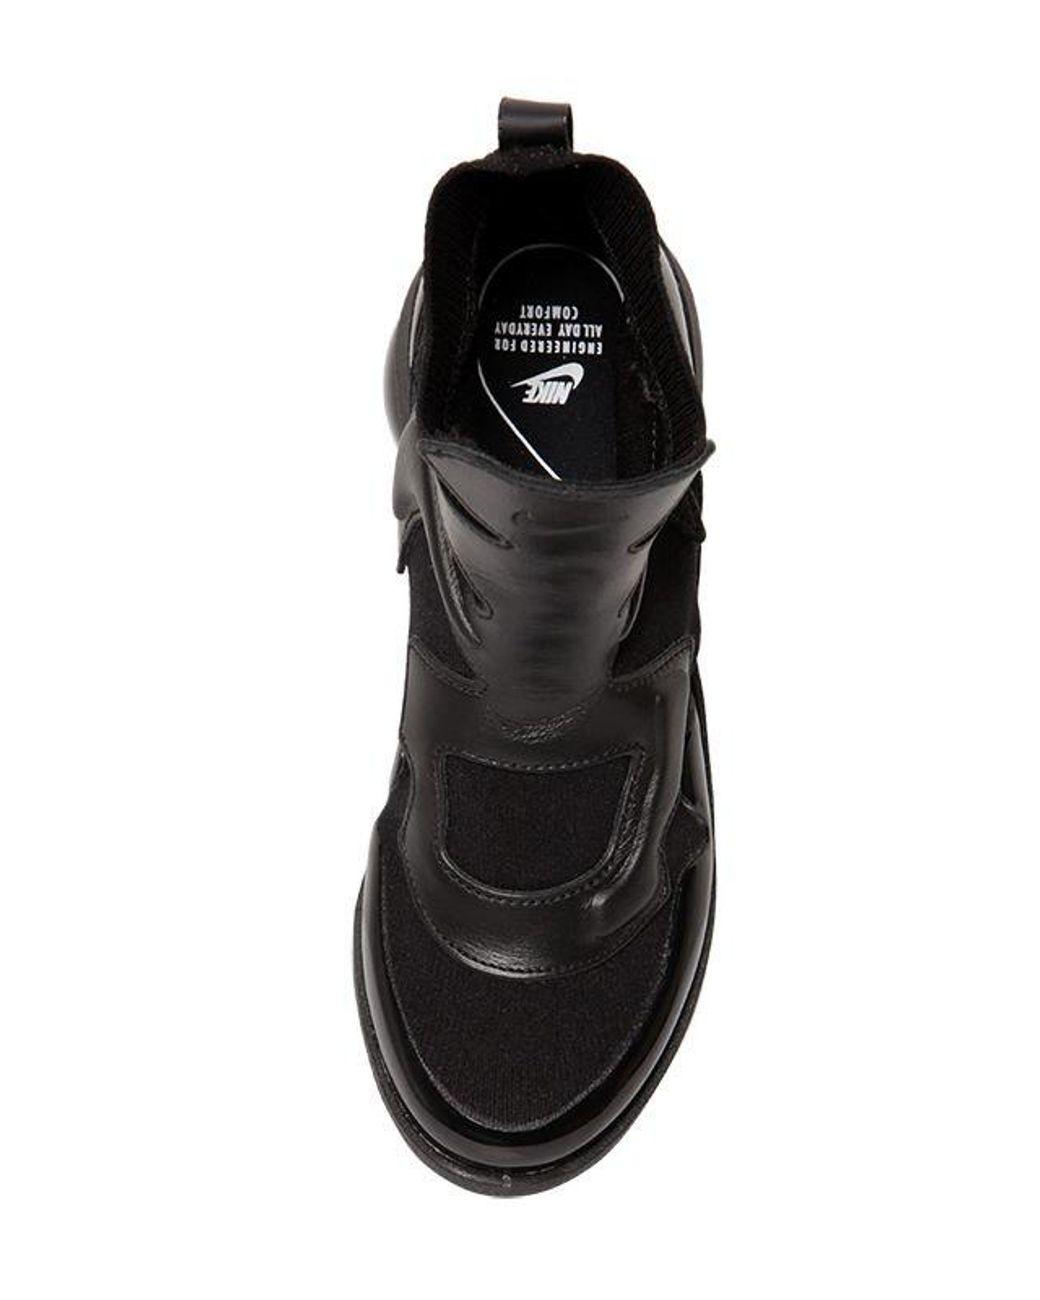 99b9f9a8e7b2a Lyst - Nike Vapormax Light Ii Hi-top Sneakers in Black - Save 6%